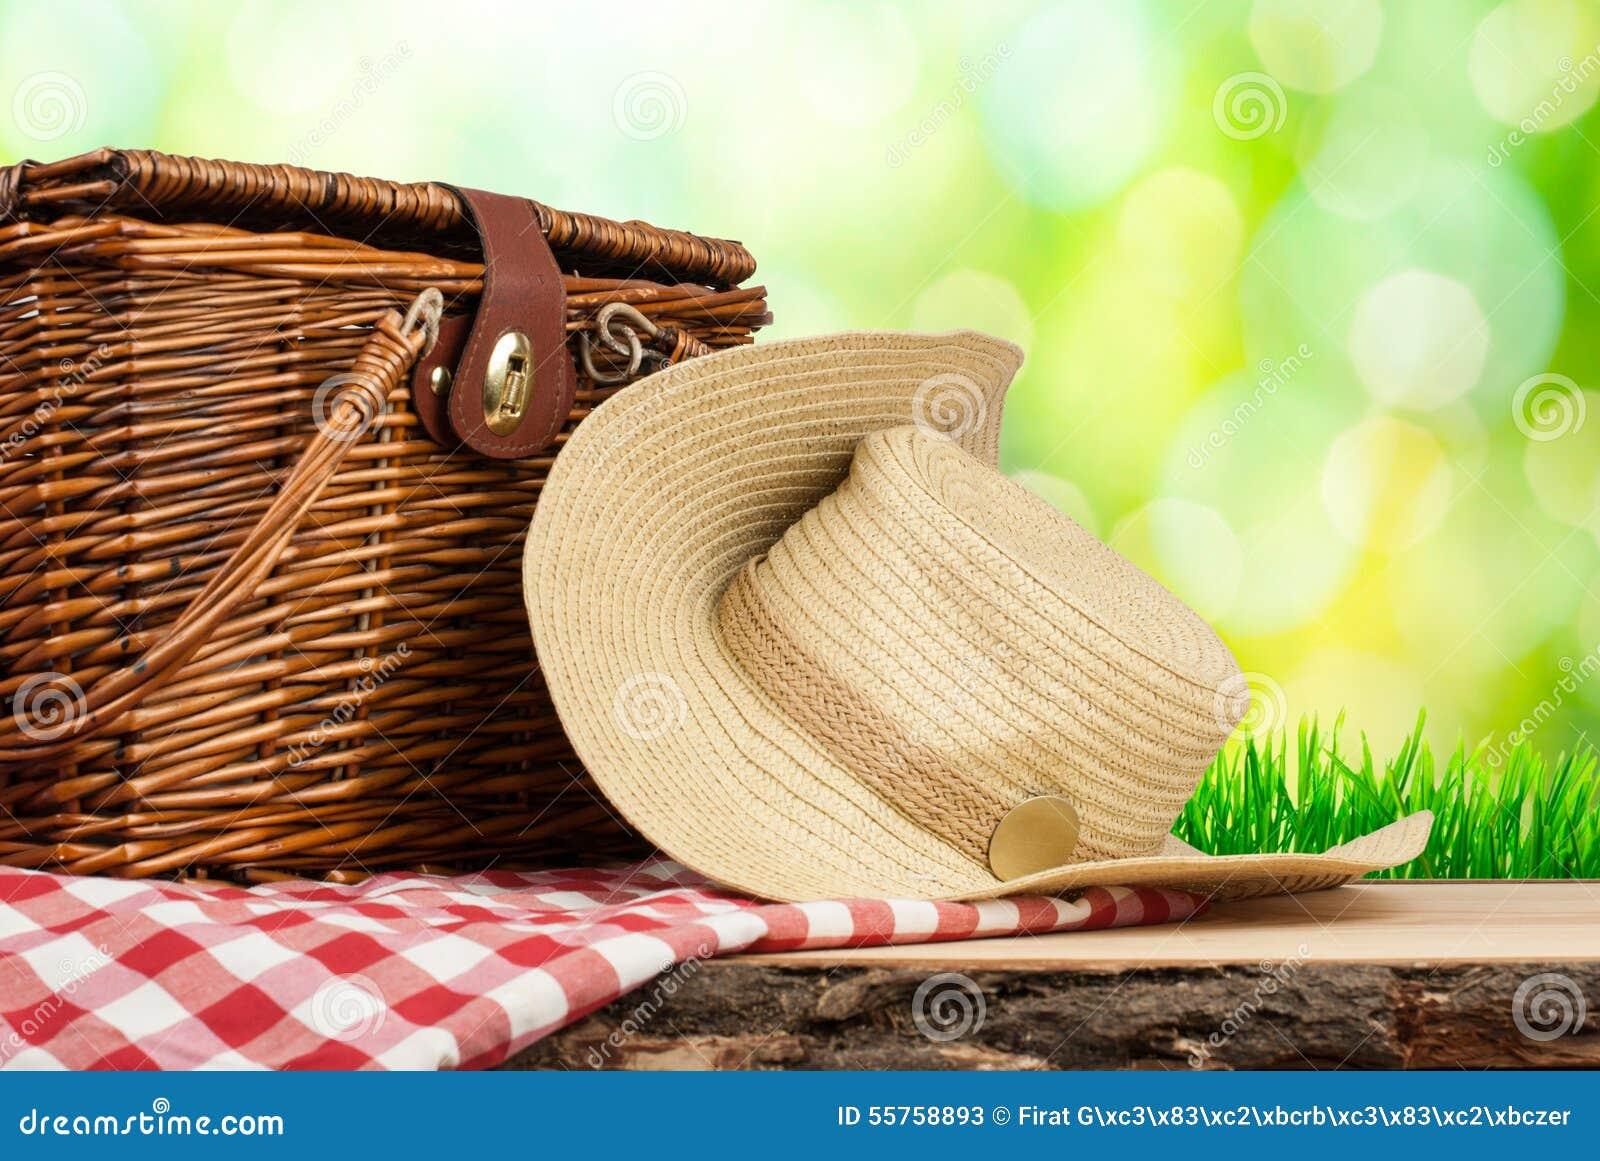 Picknickmand op de lijst met hoed